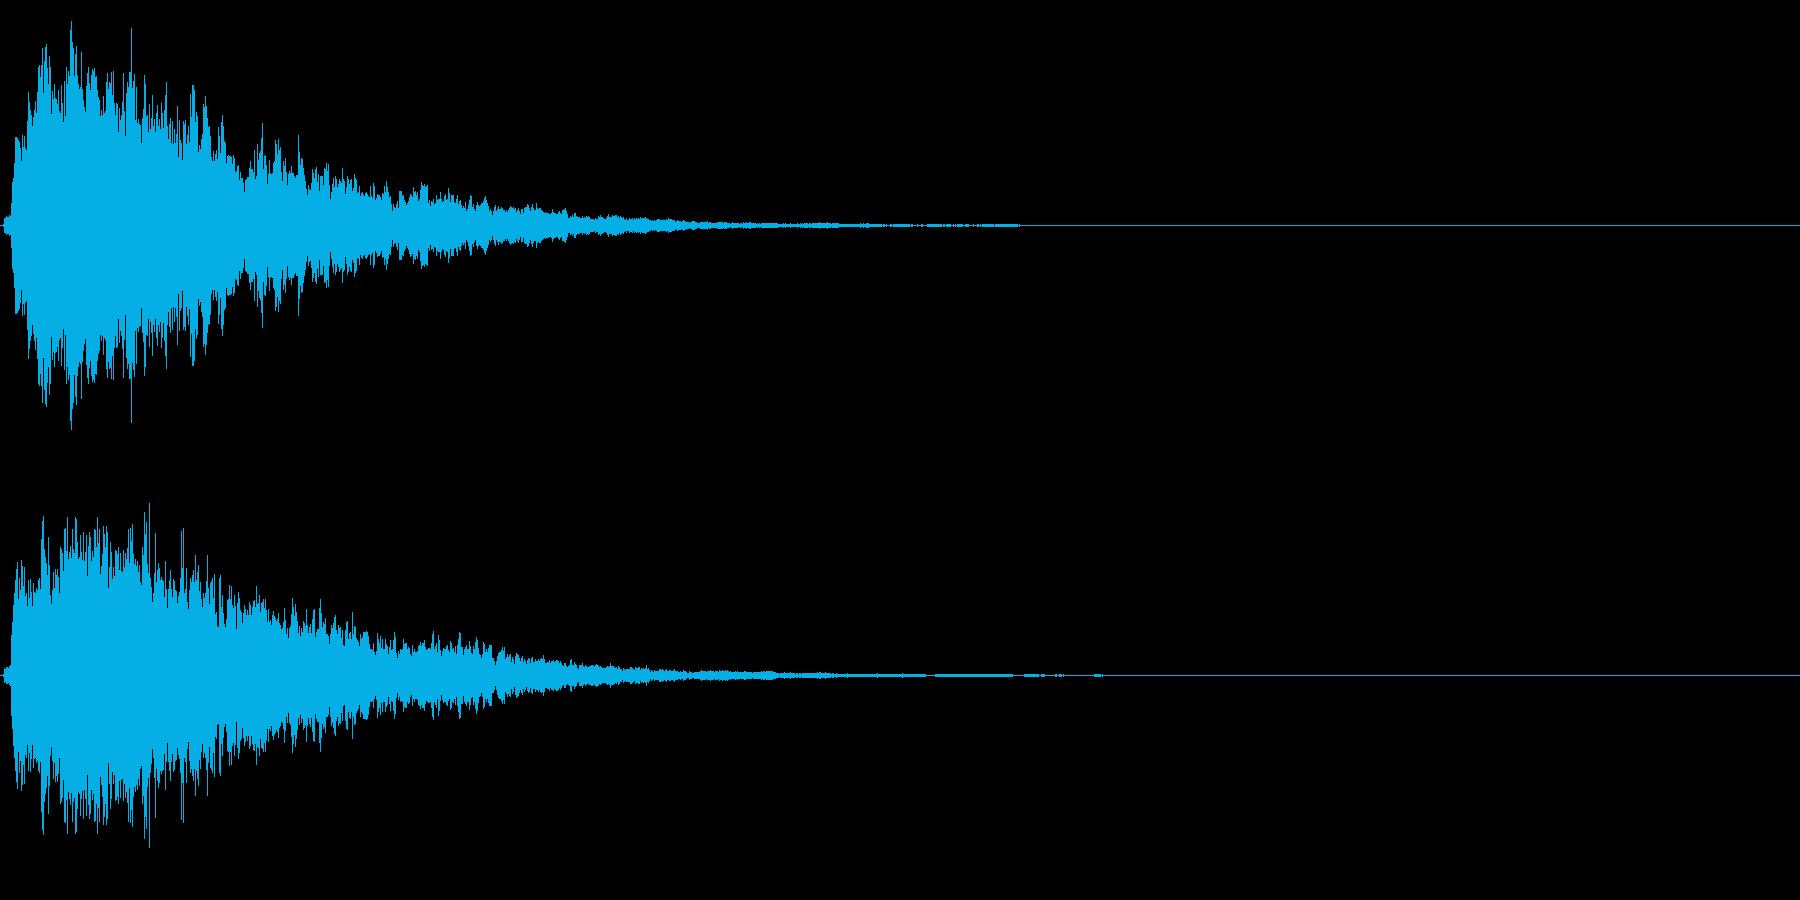 キラキラ輝く テロップ音 ボタン音!3bの再生済みの波形